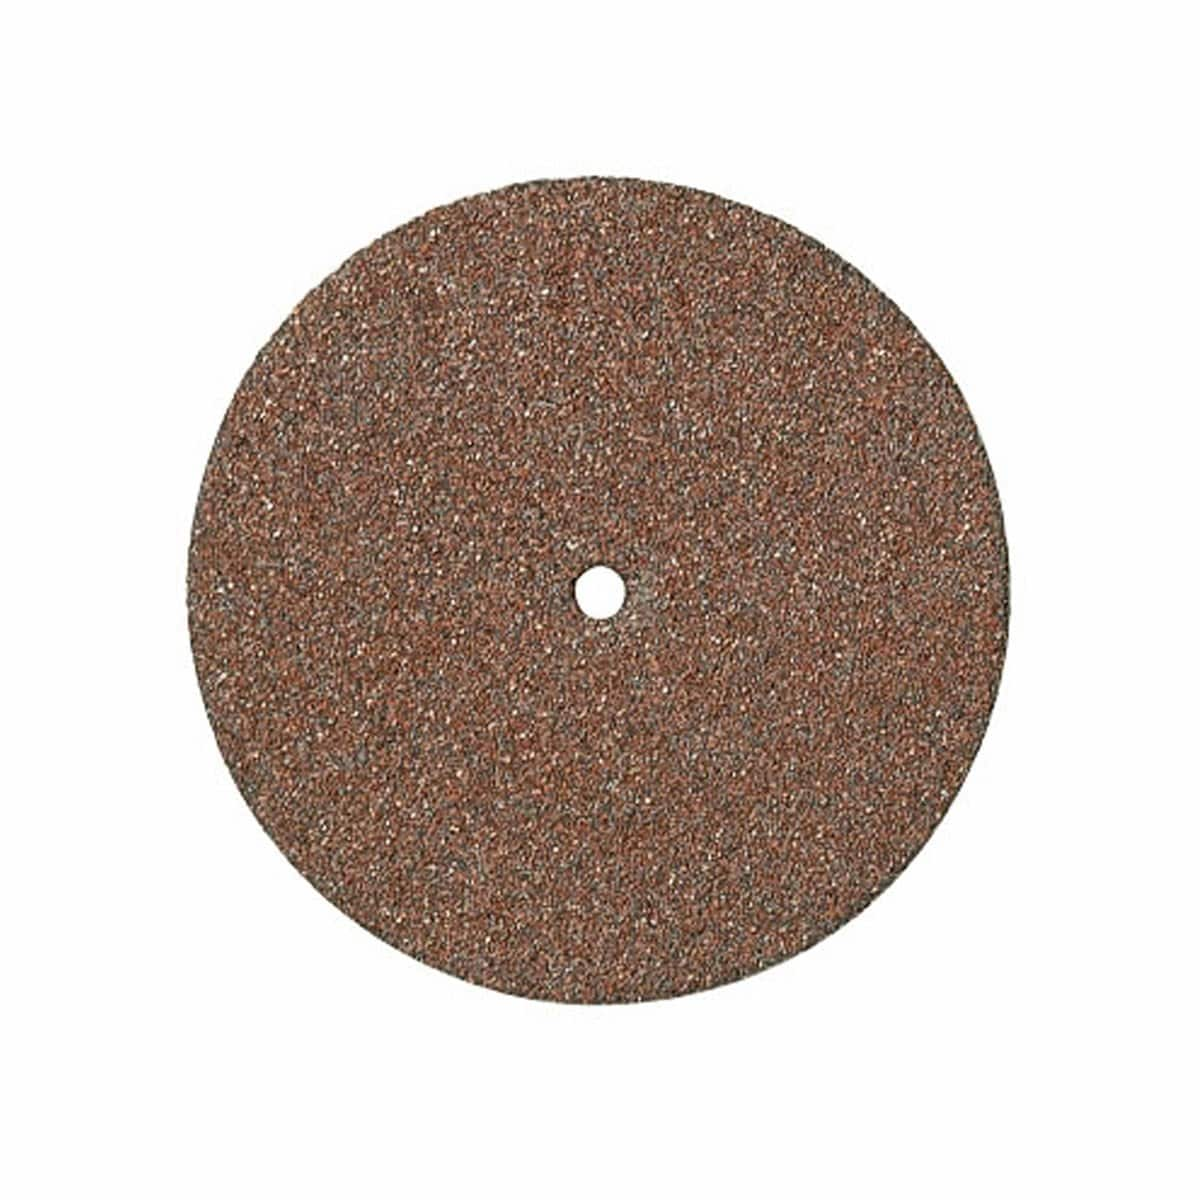 Disco Abrasivo de Corte para Cortar 2615000 Dremel